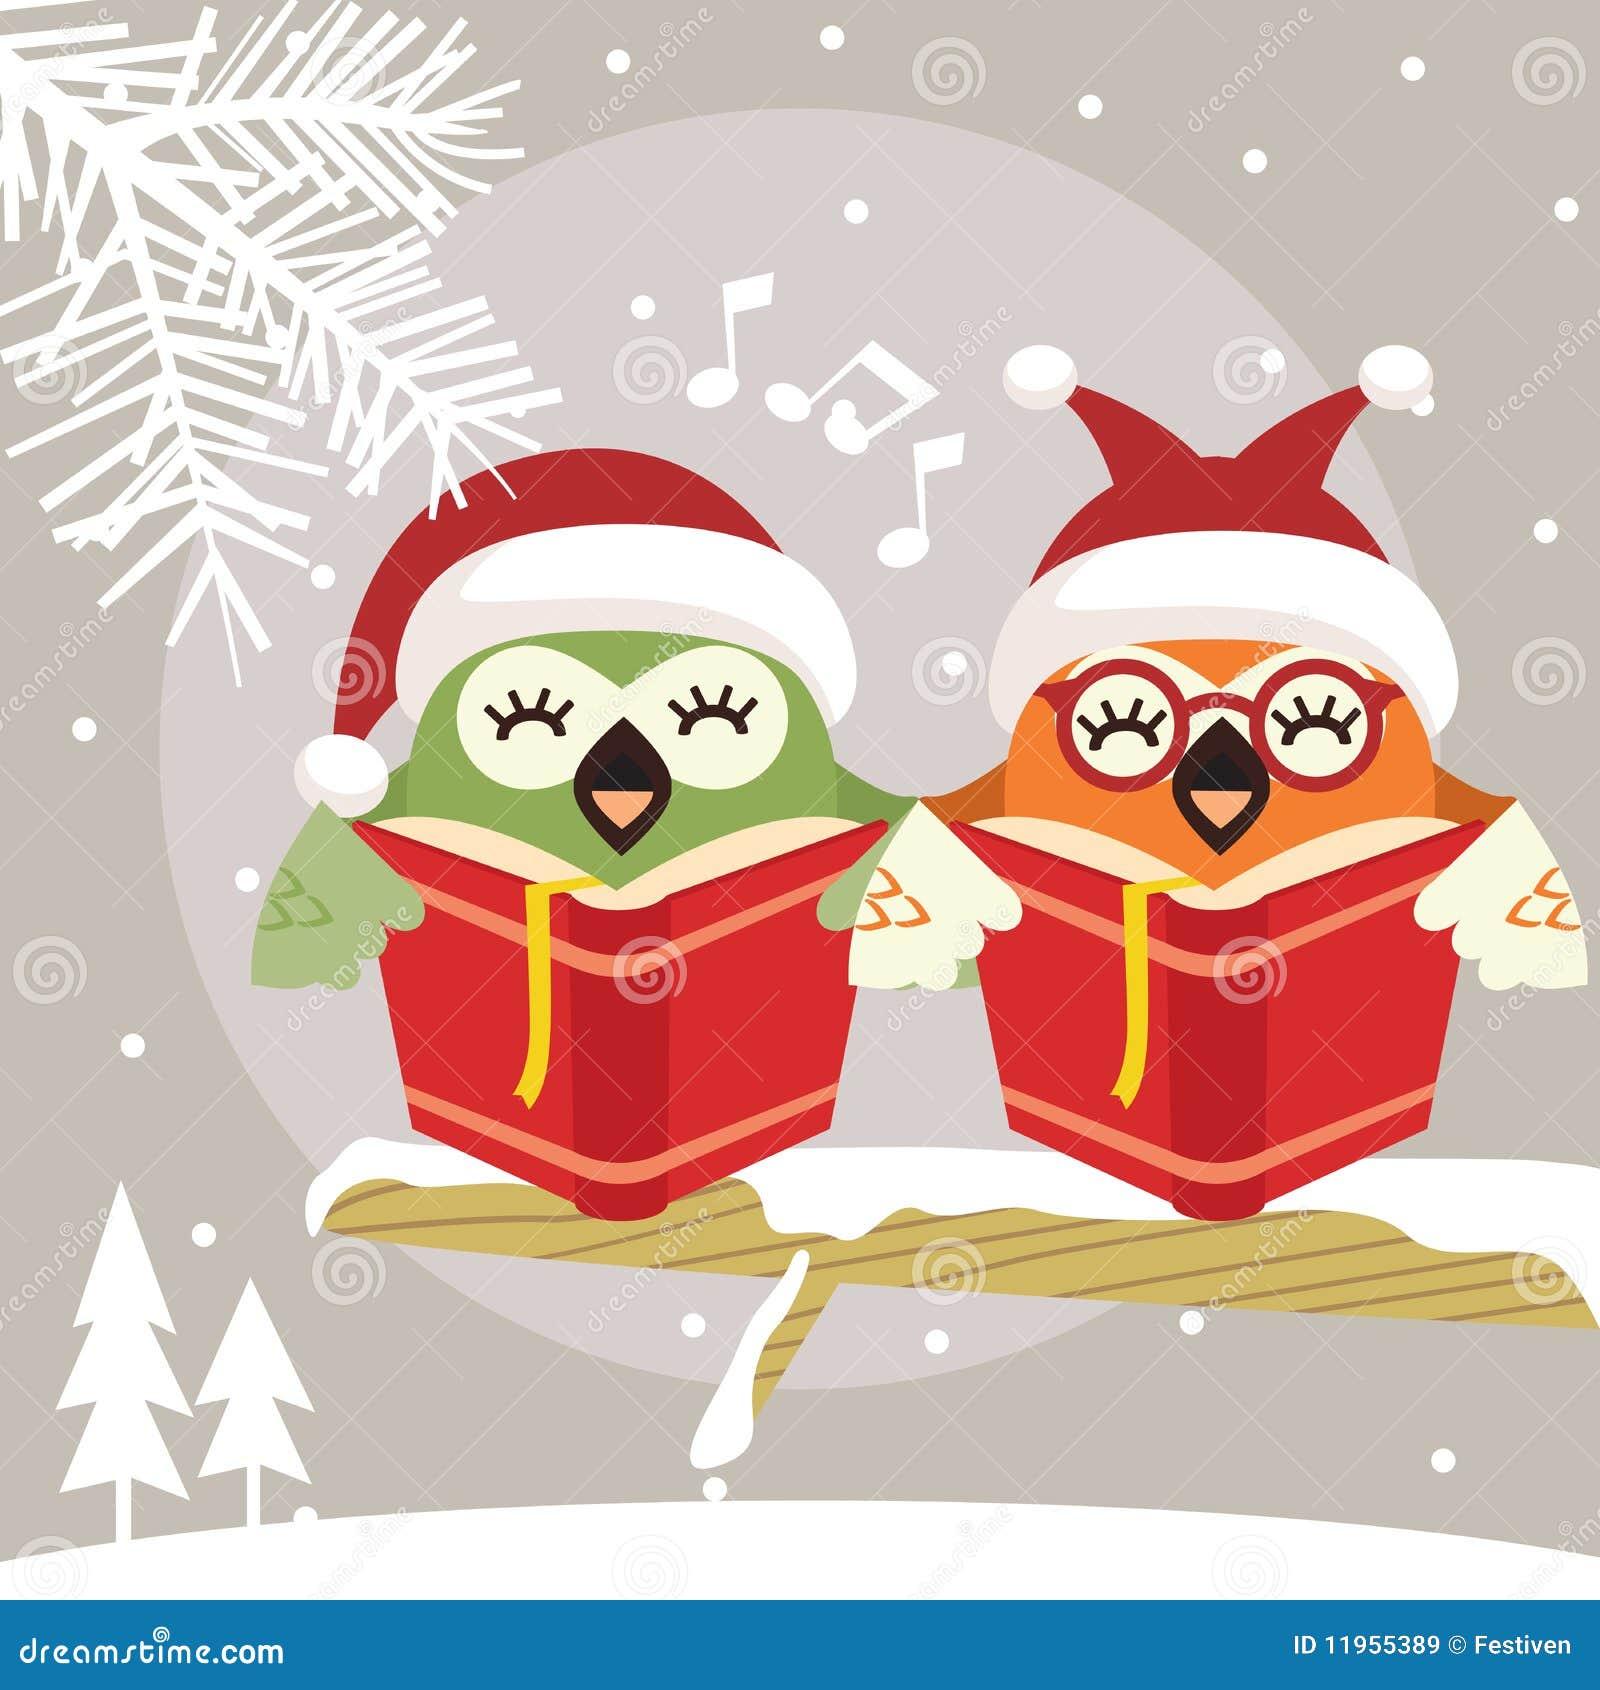 owl - Owl Christmas